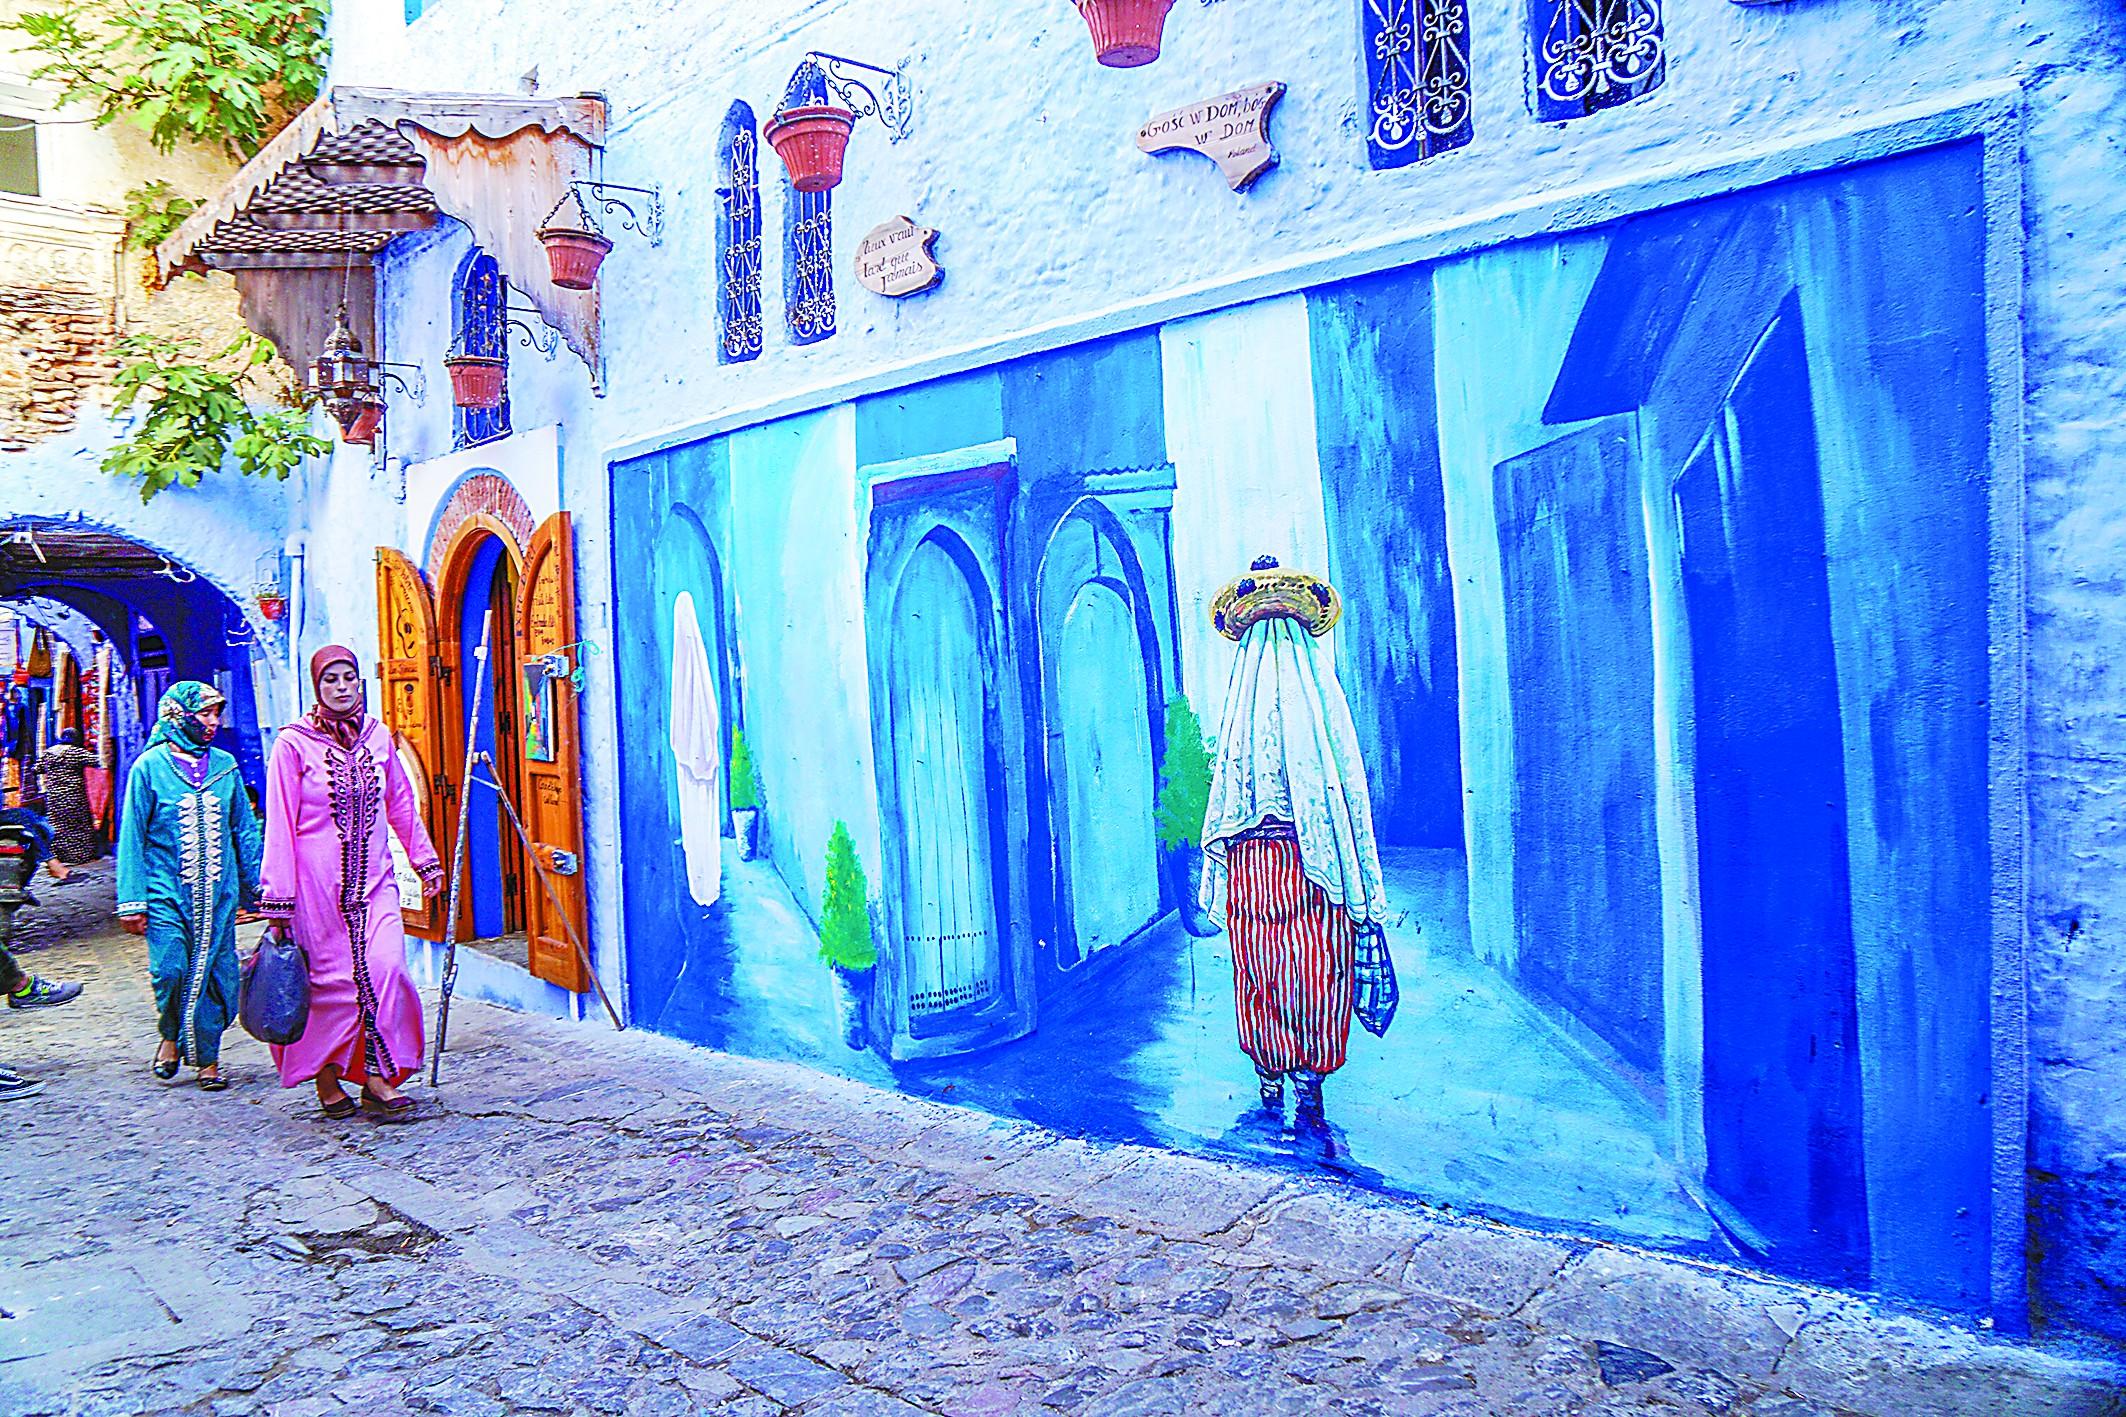 在北非摩洛哥古镇走进蓝色的童话世界